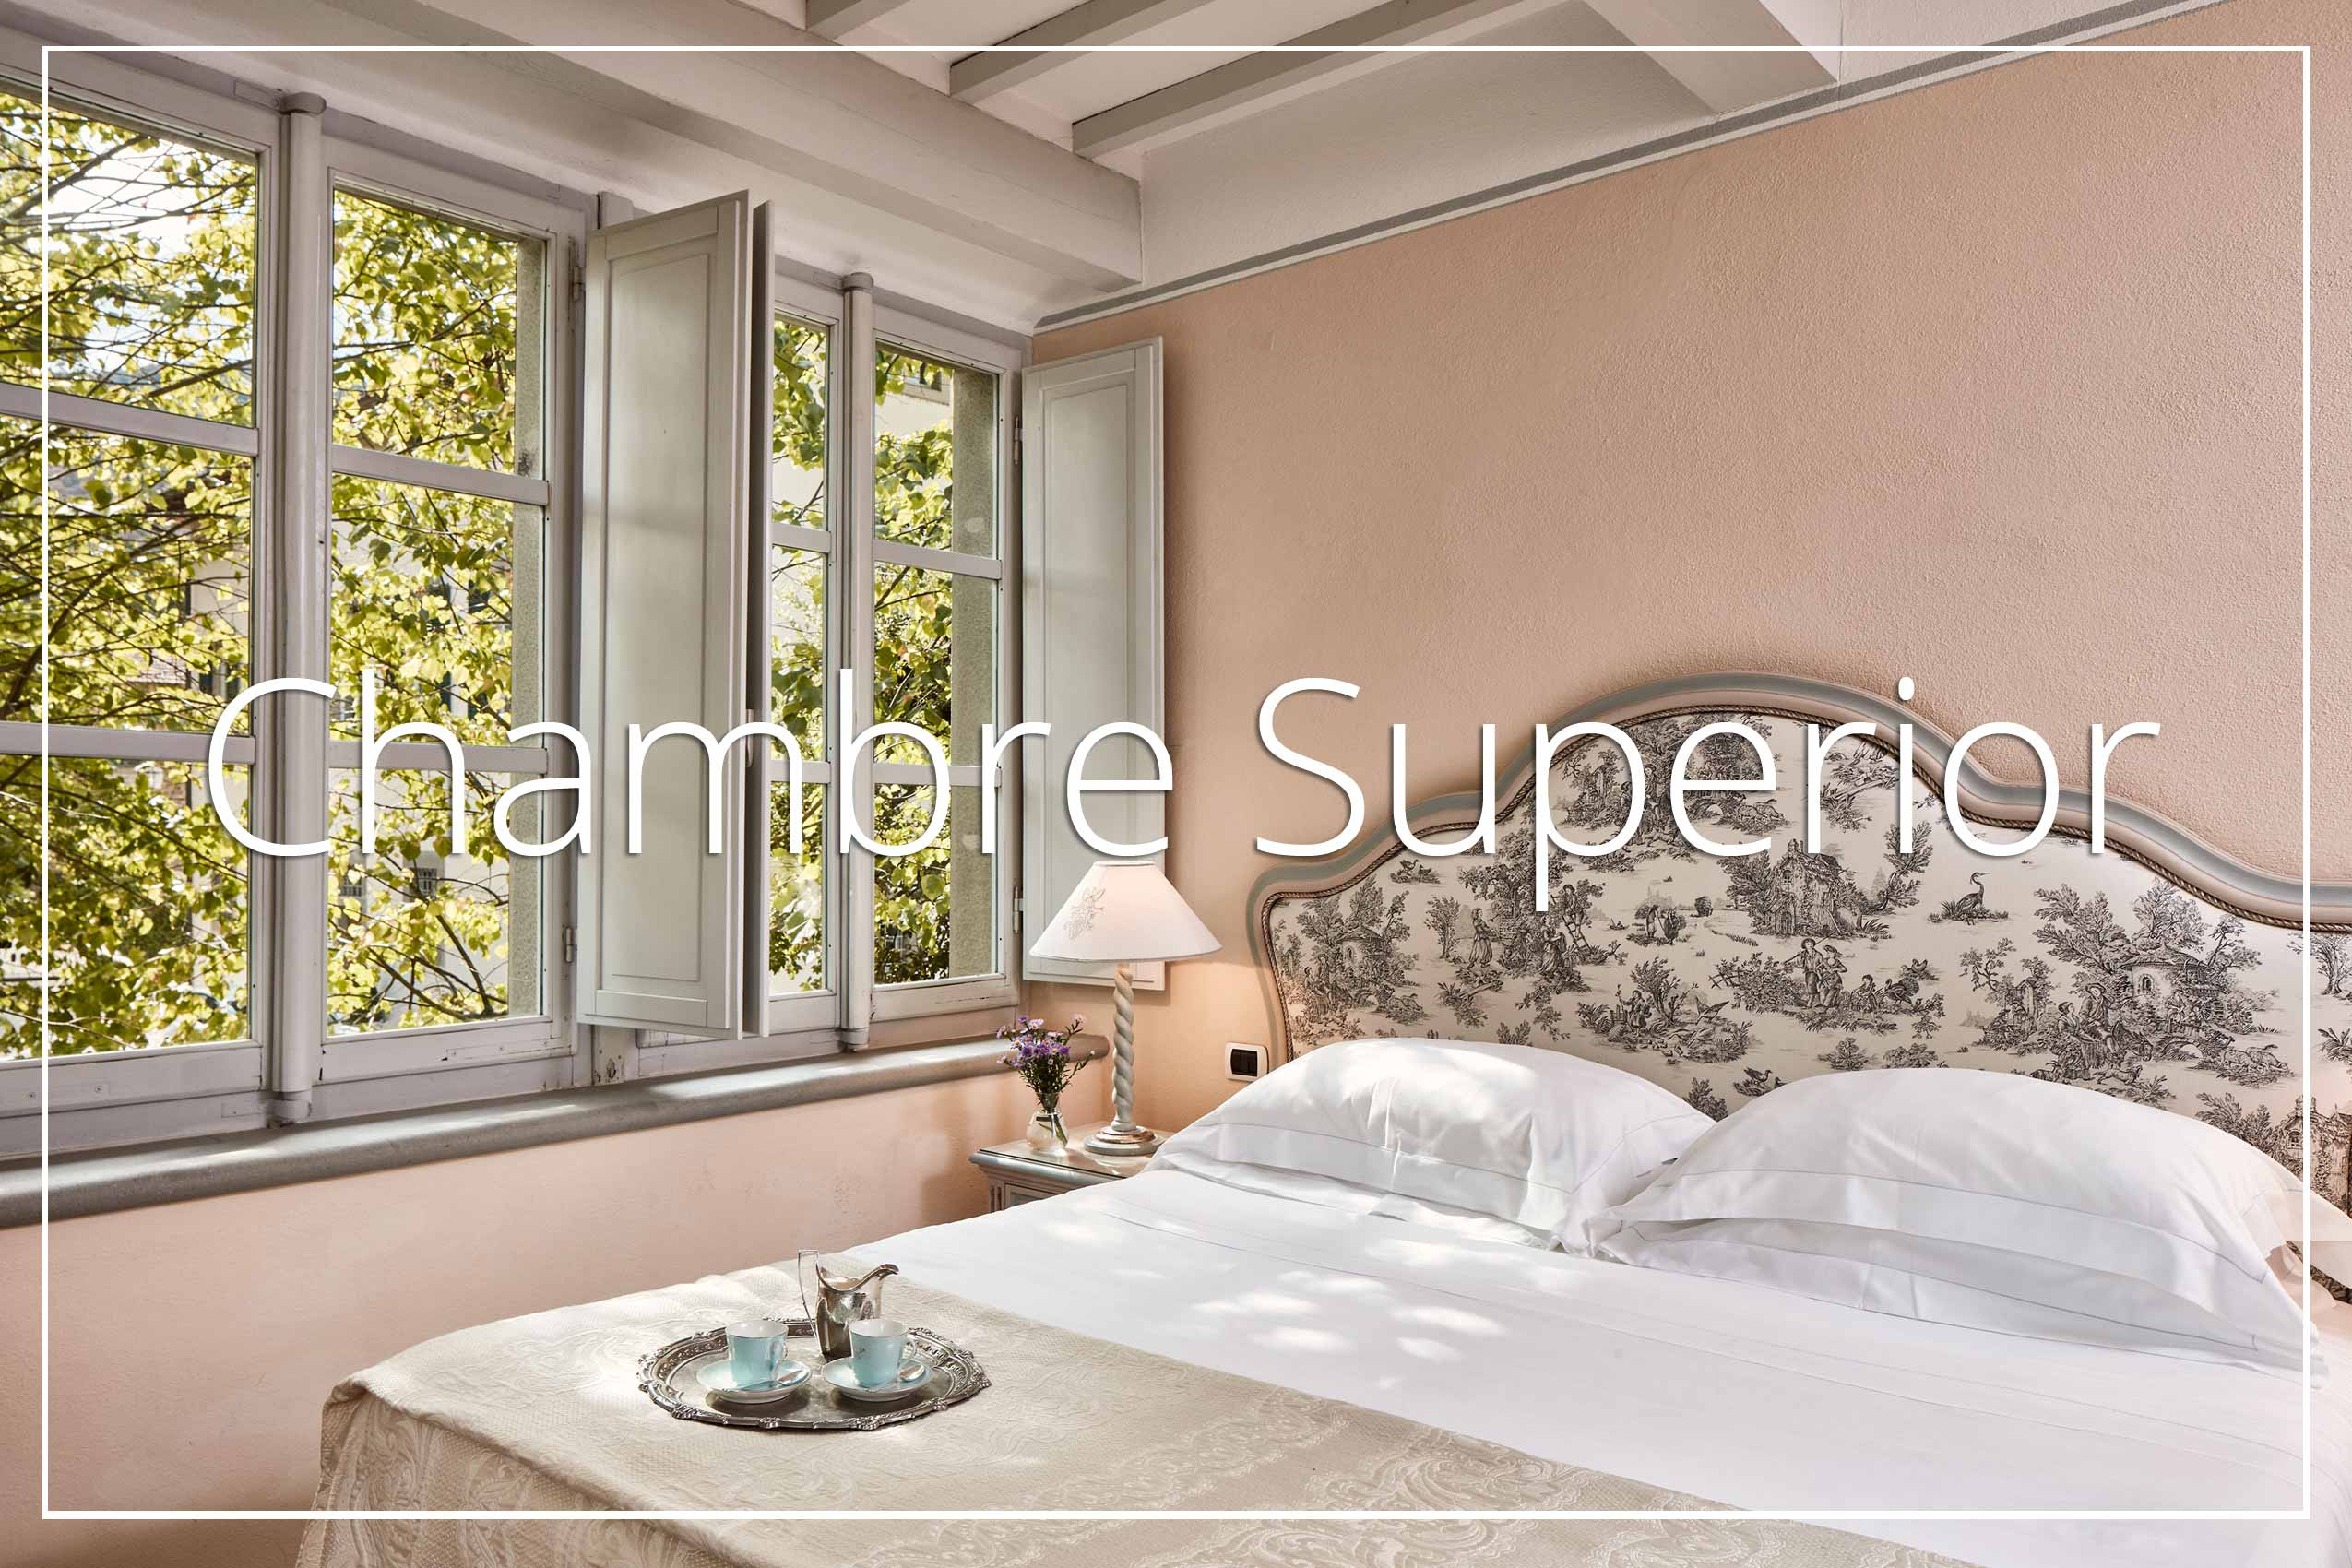 Superior Rooms Villa di Piazzano SLH Luxury Hotel Cortona tuscany